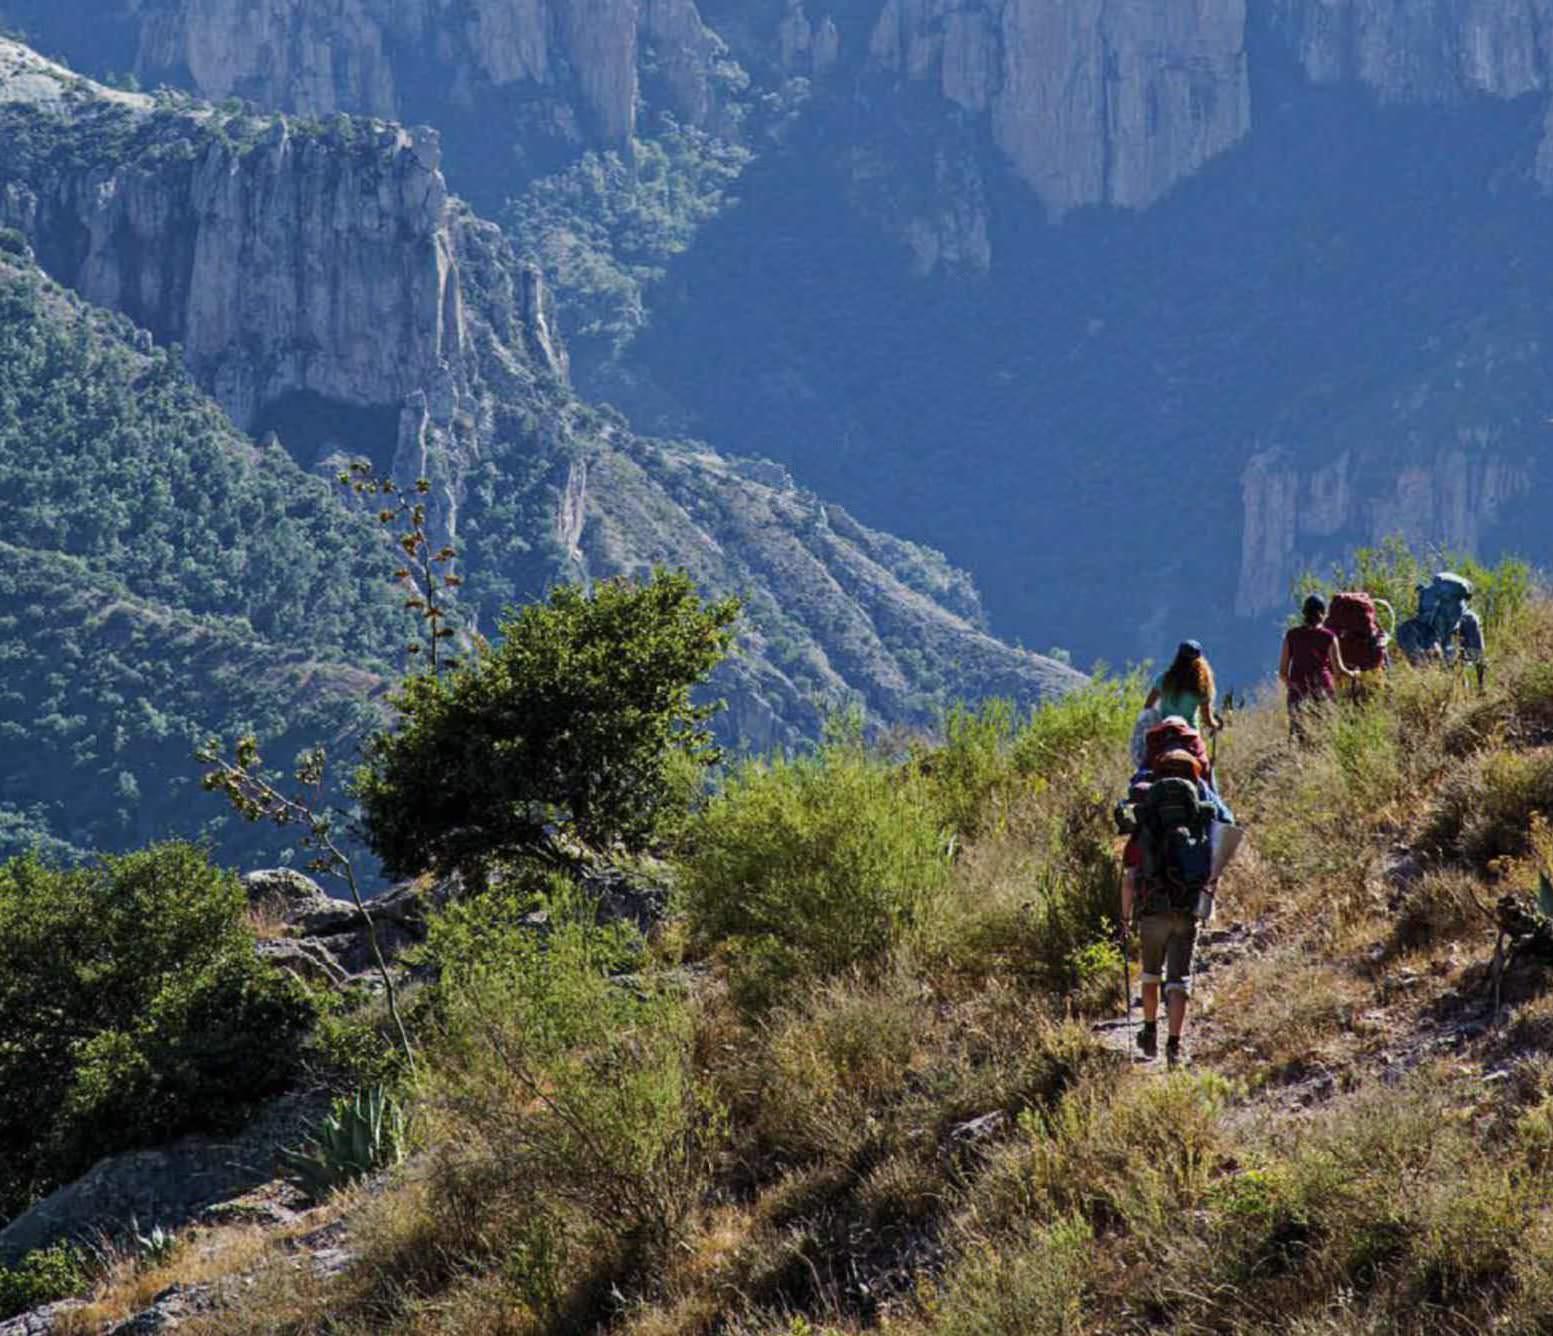 El senderismo en uno de los deportes de aventura en Chihuahua más populares.